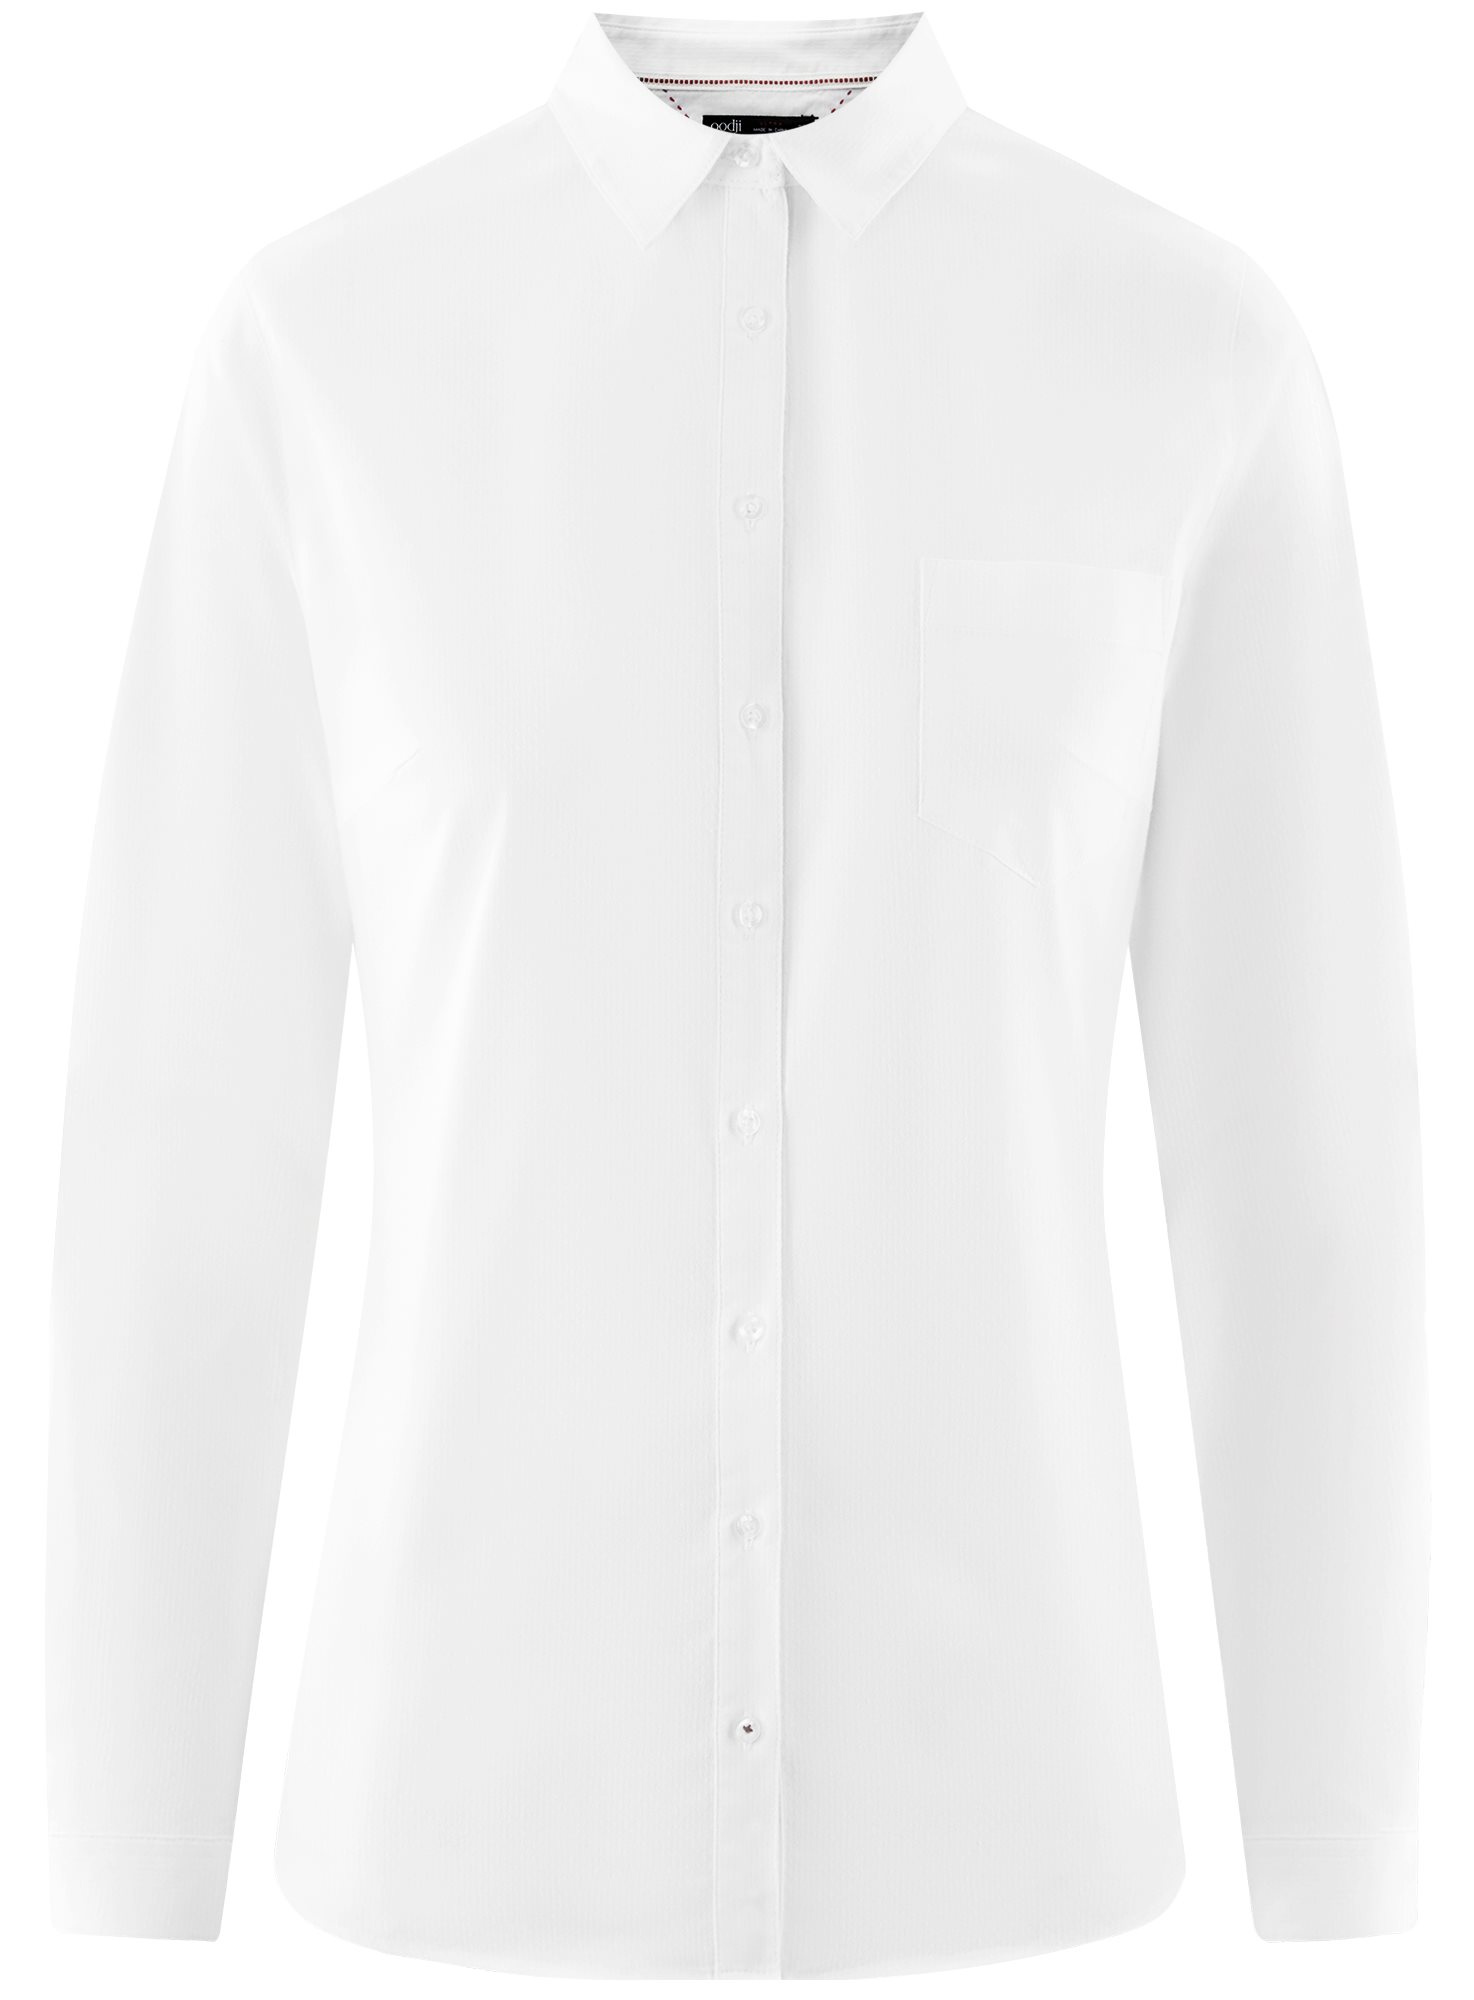 Рубашка хлопковая с нагрудным карманом oodji для женщины (белый), 13K03014/18193/1000B